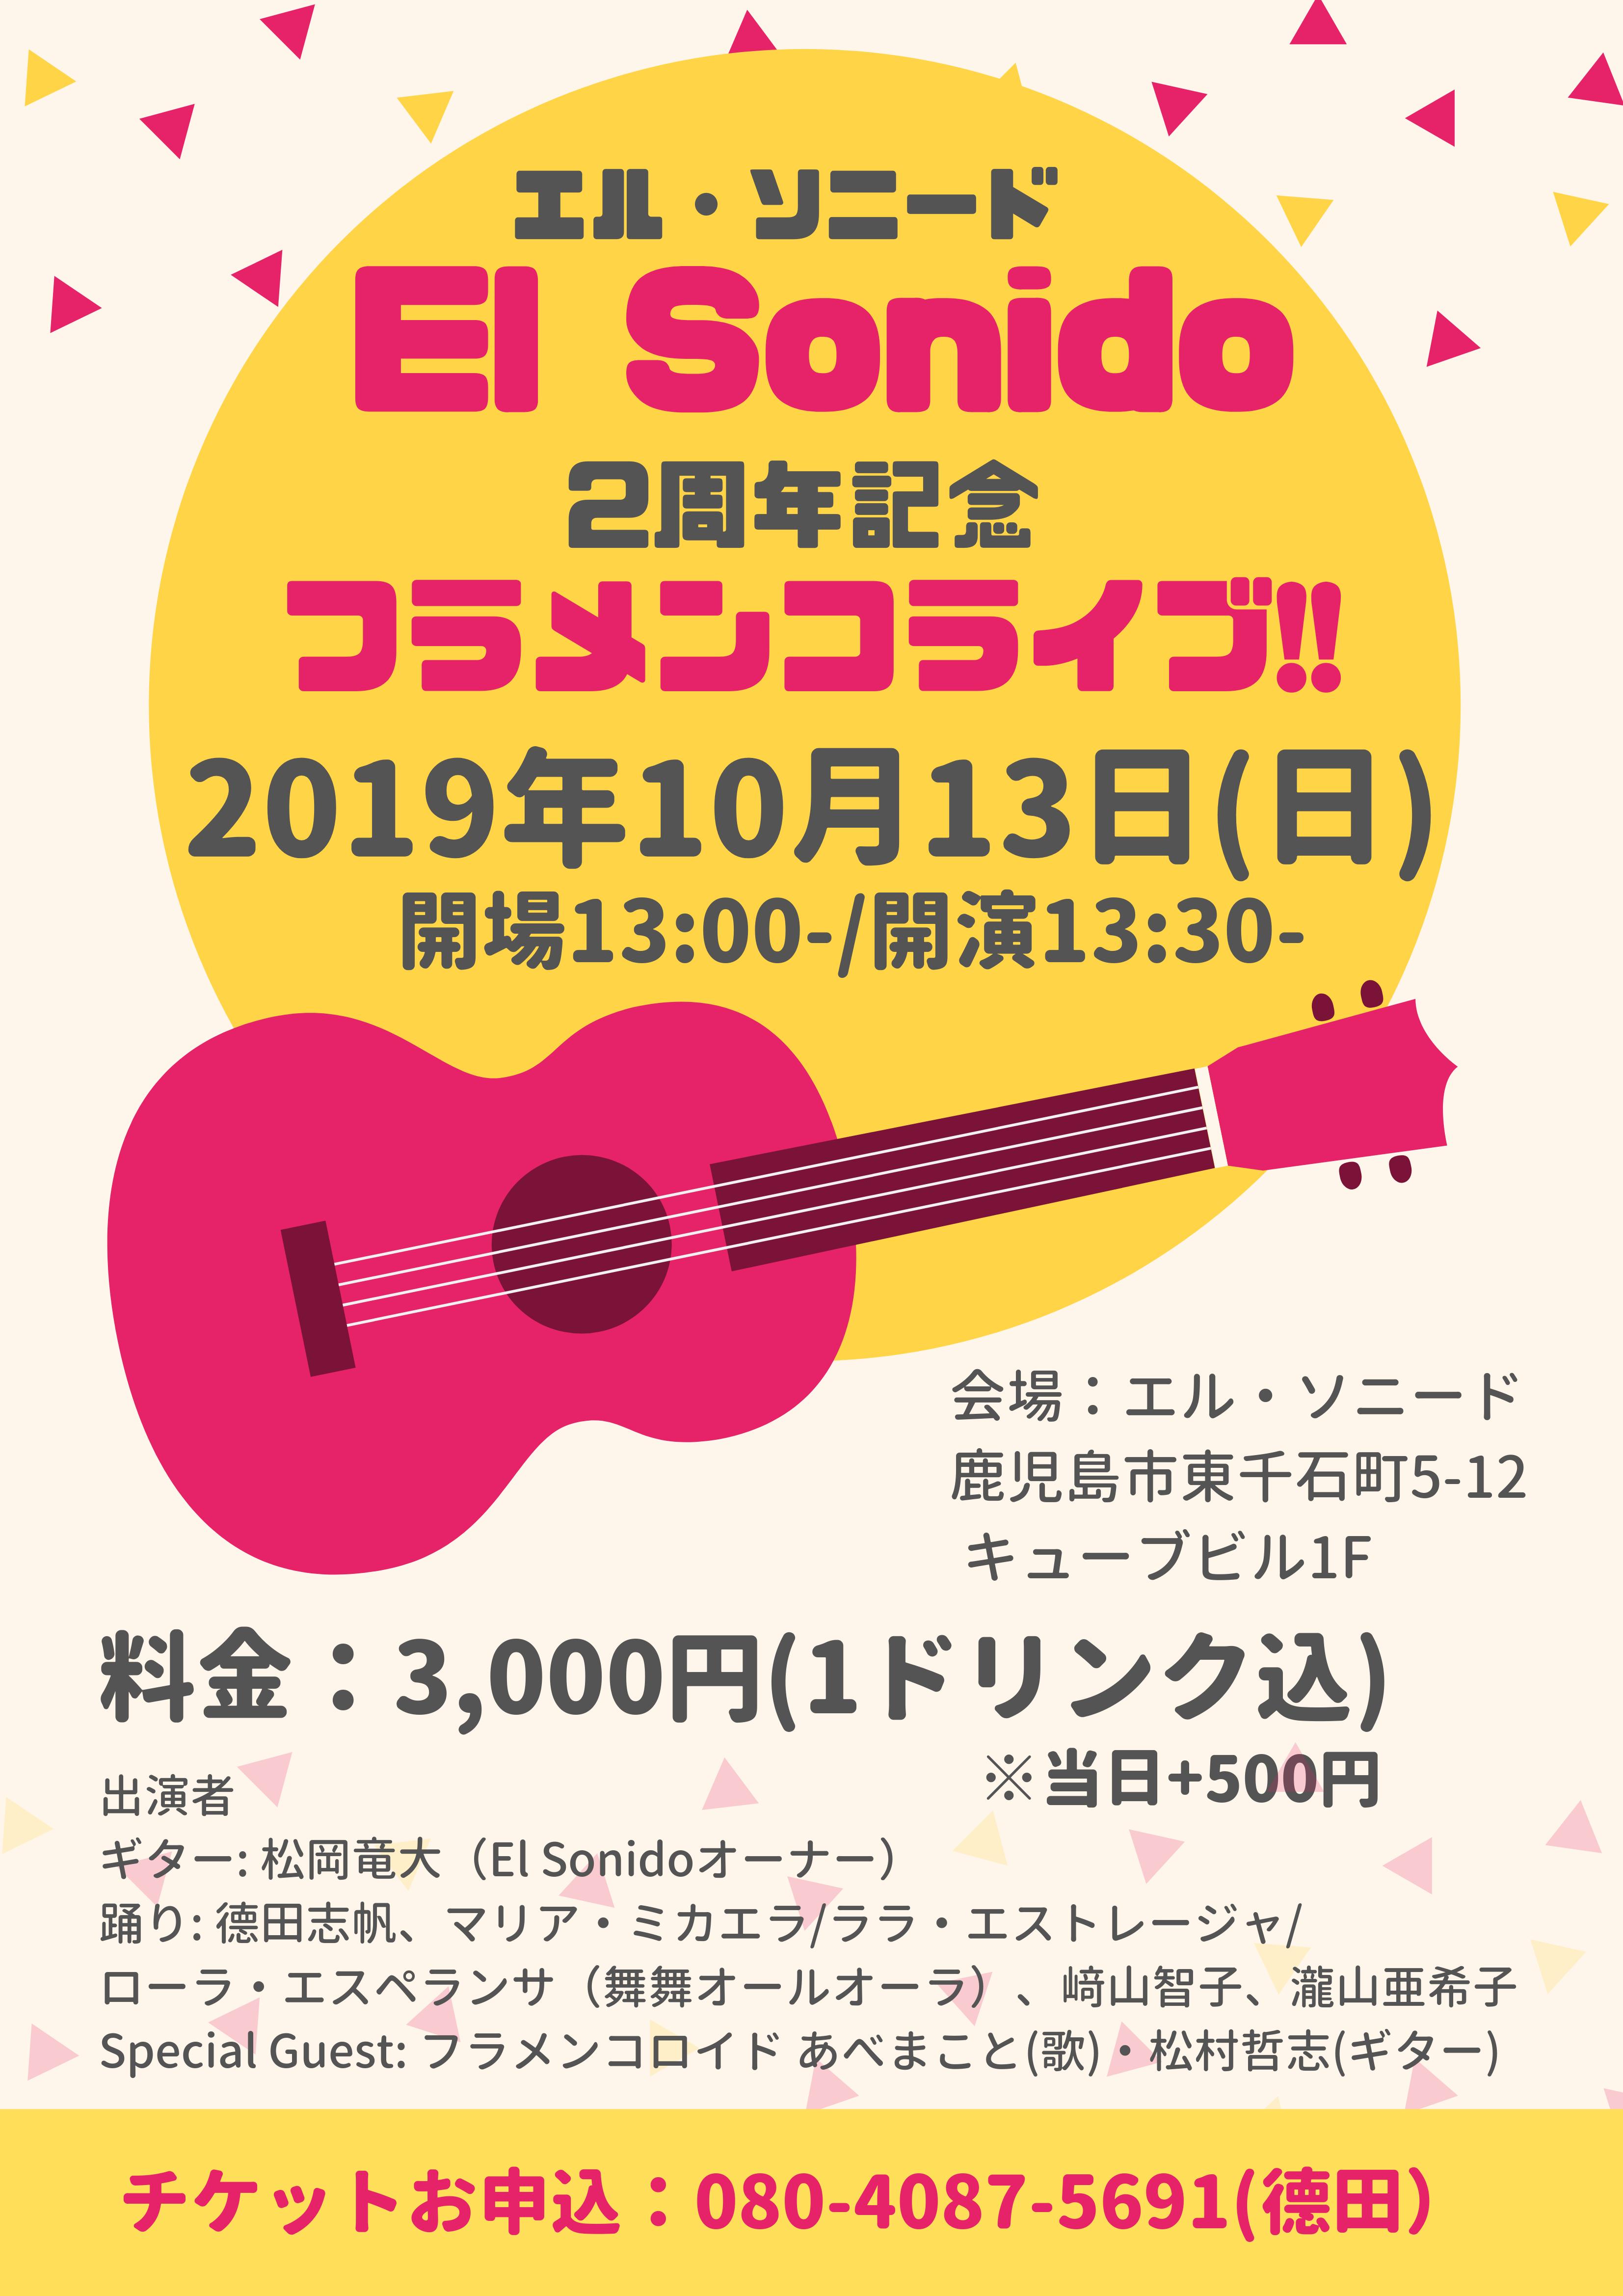 エル・ソニード2周年記念フラメンコライブ